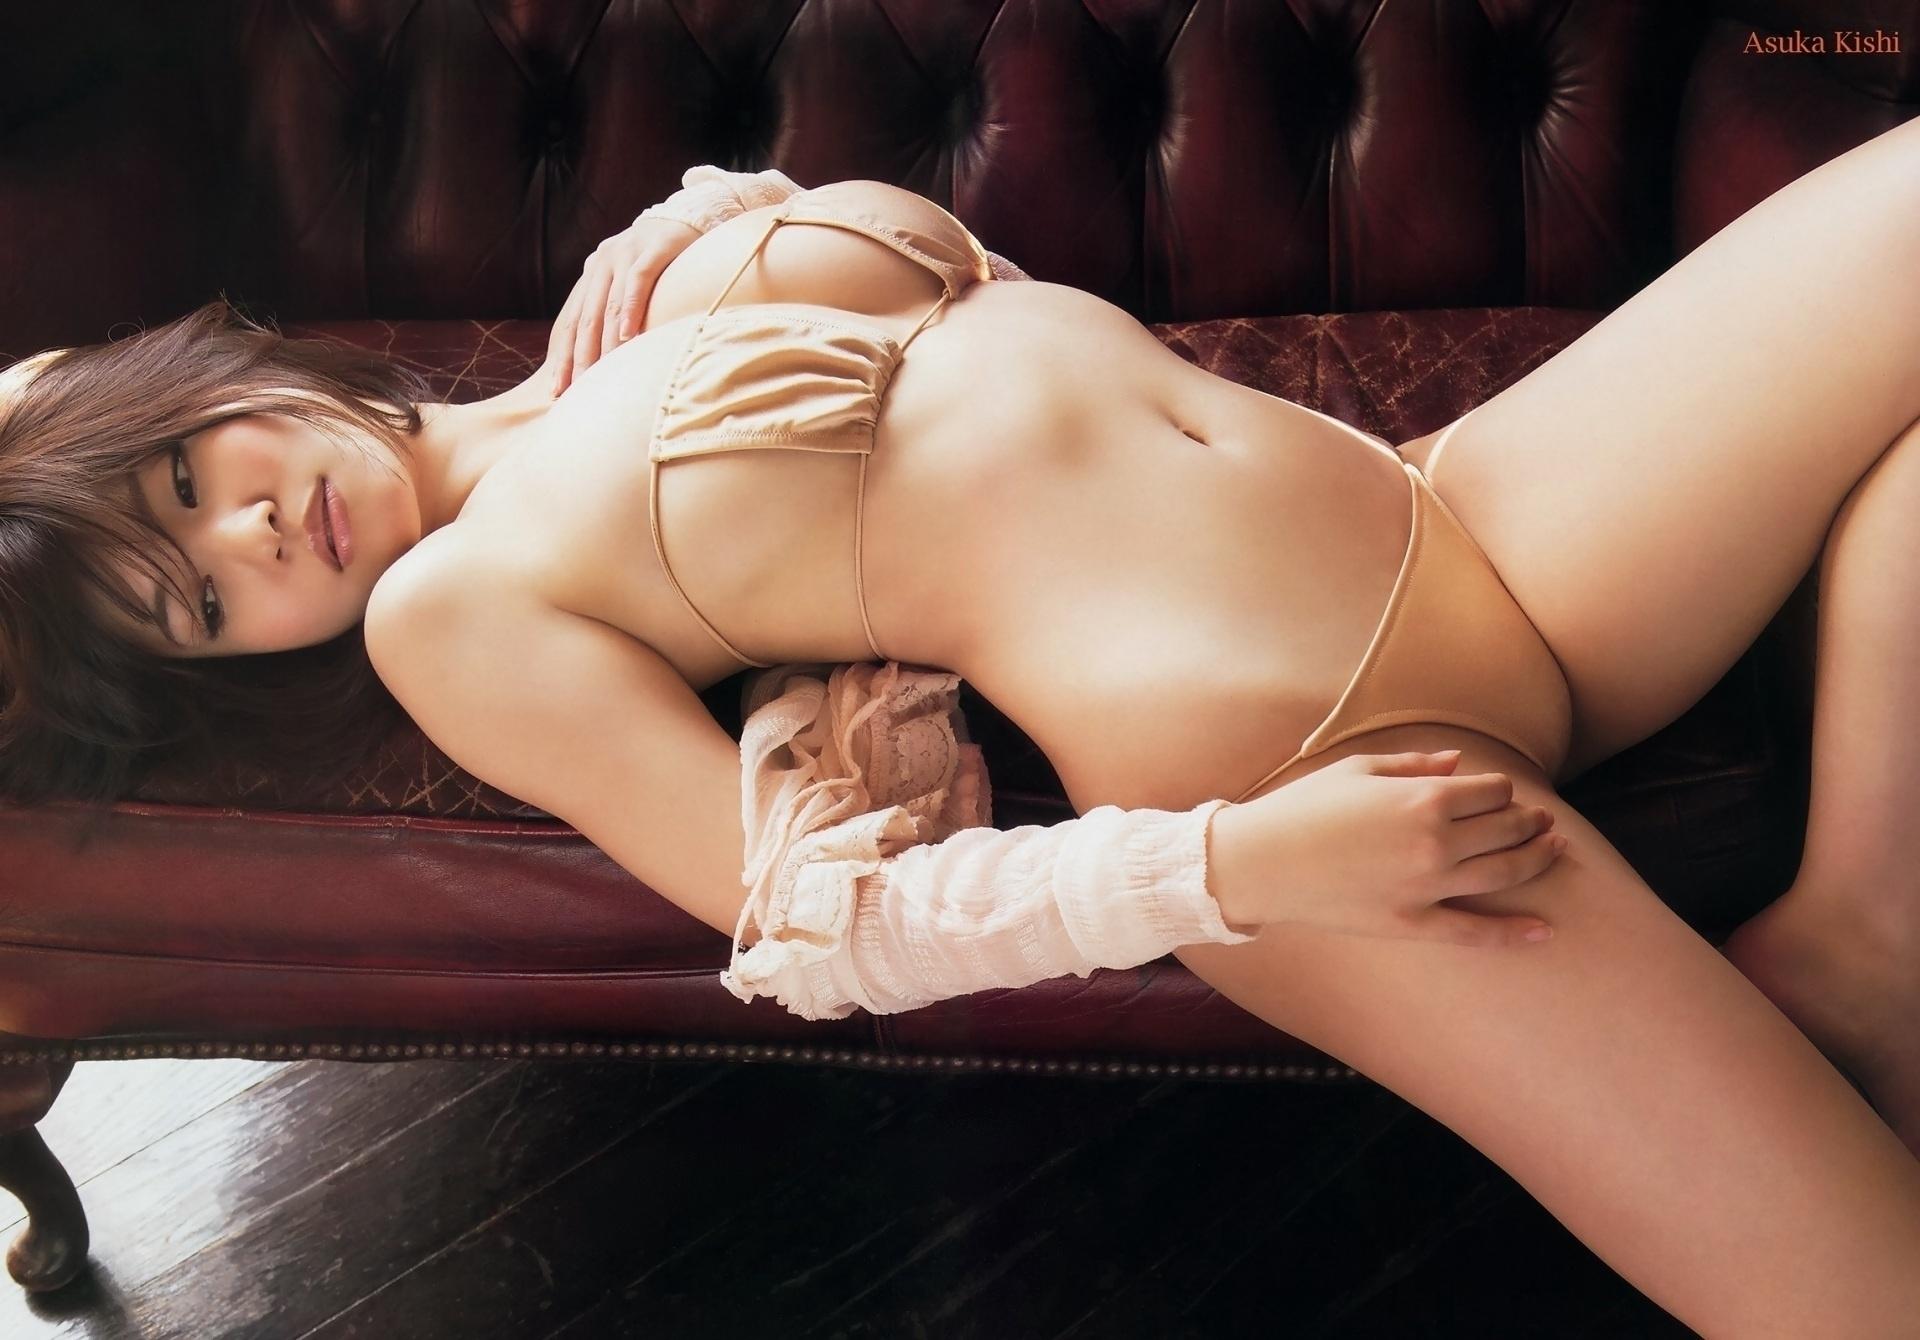 image http://scanlover.com/assets/images/47-ZMTQMCffcR3dRcjt.jpeg